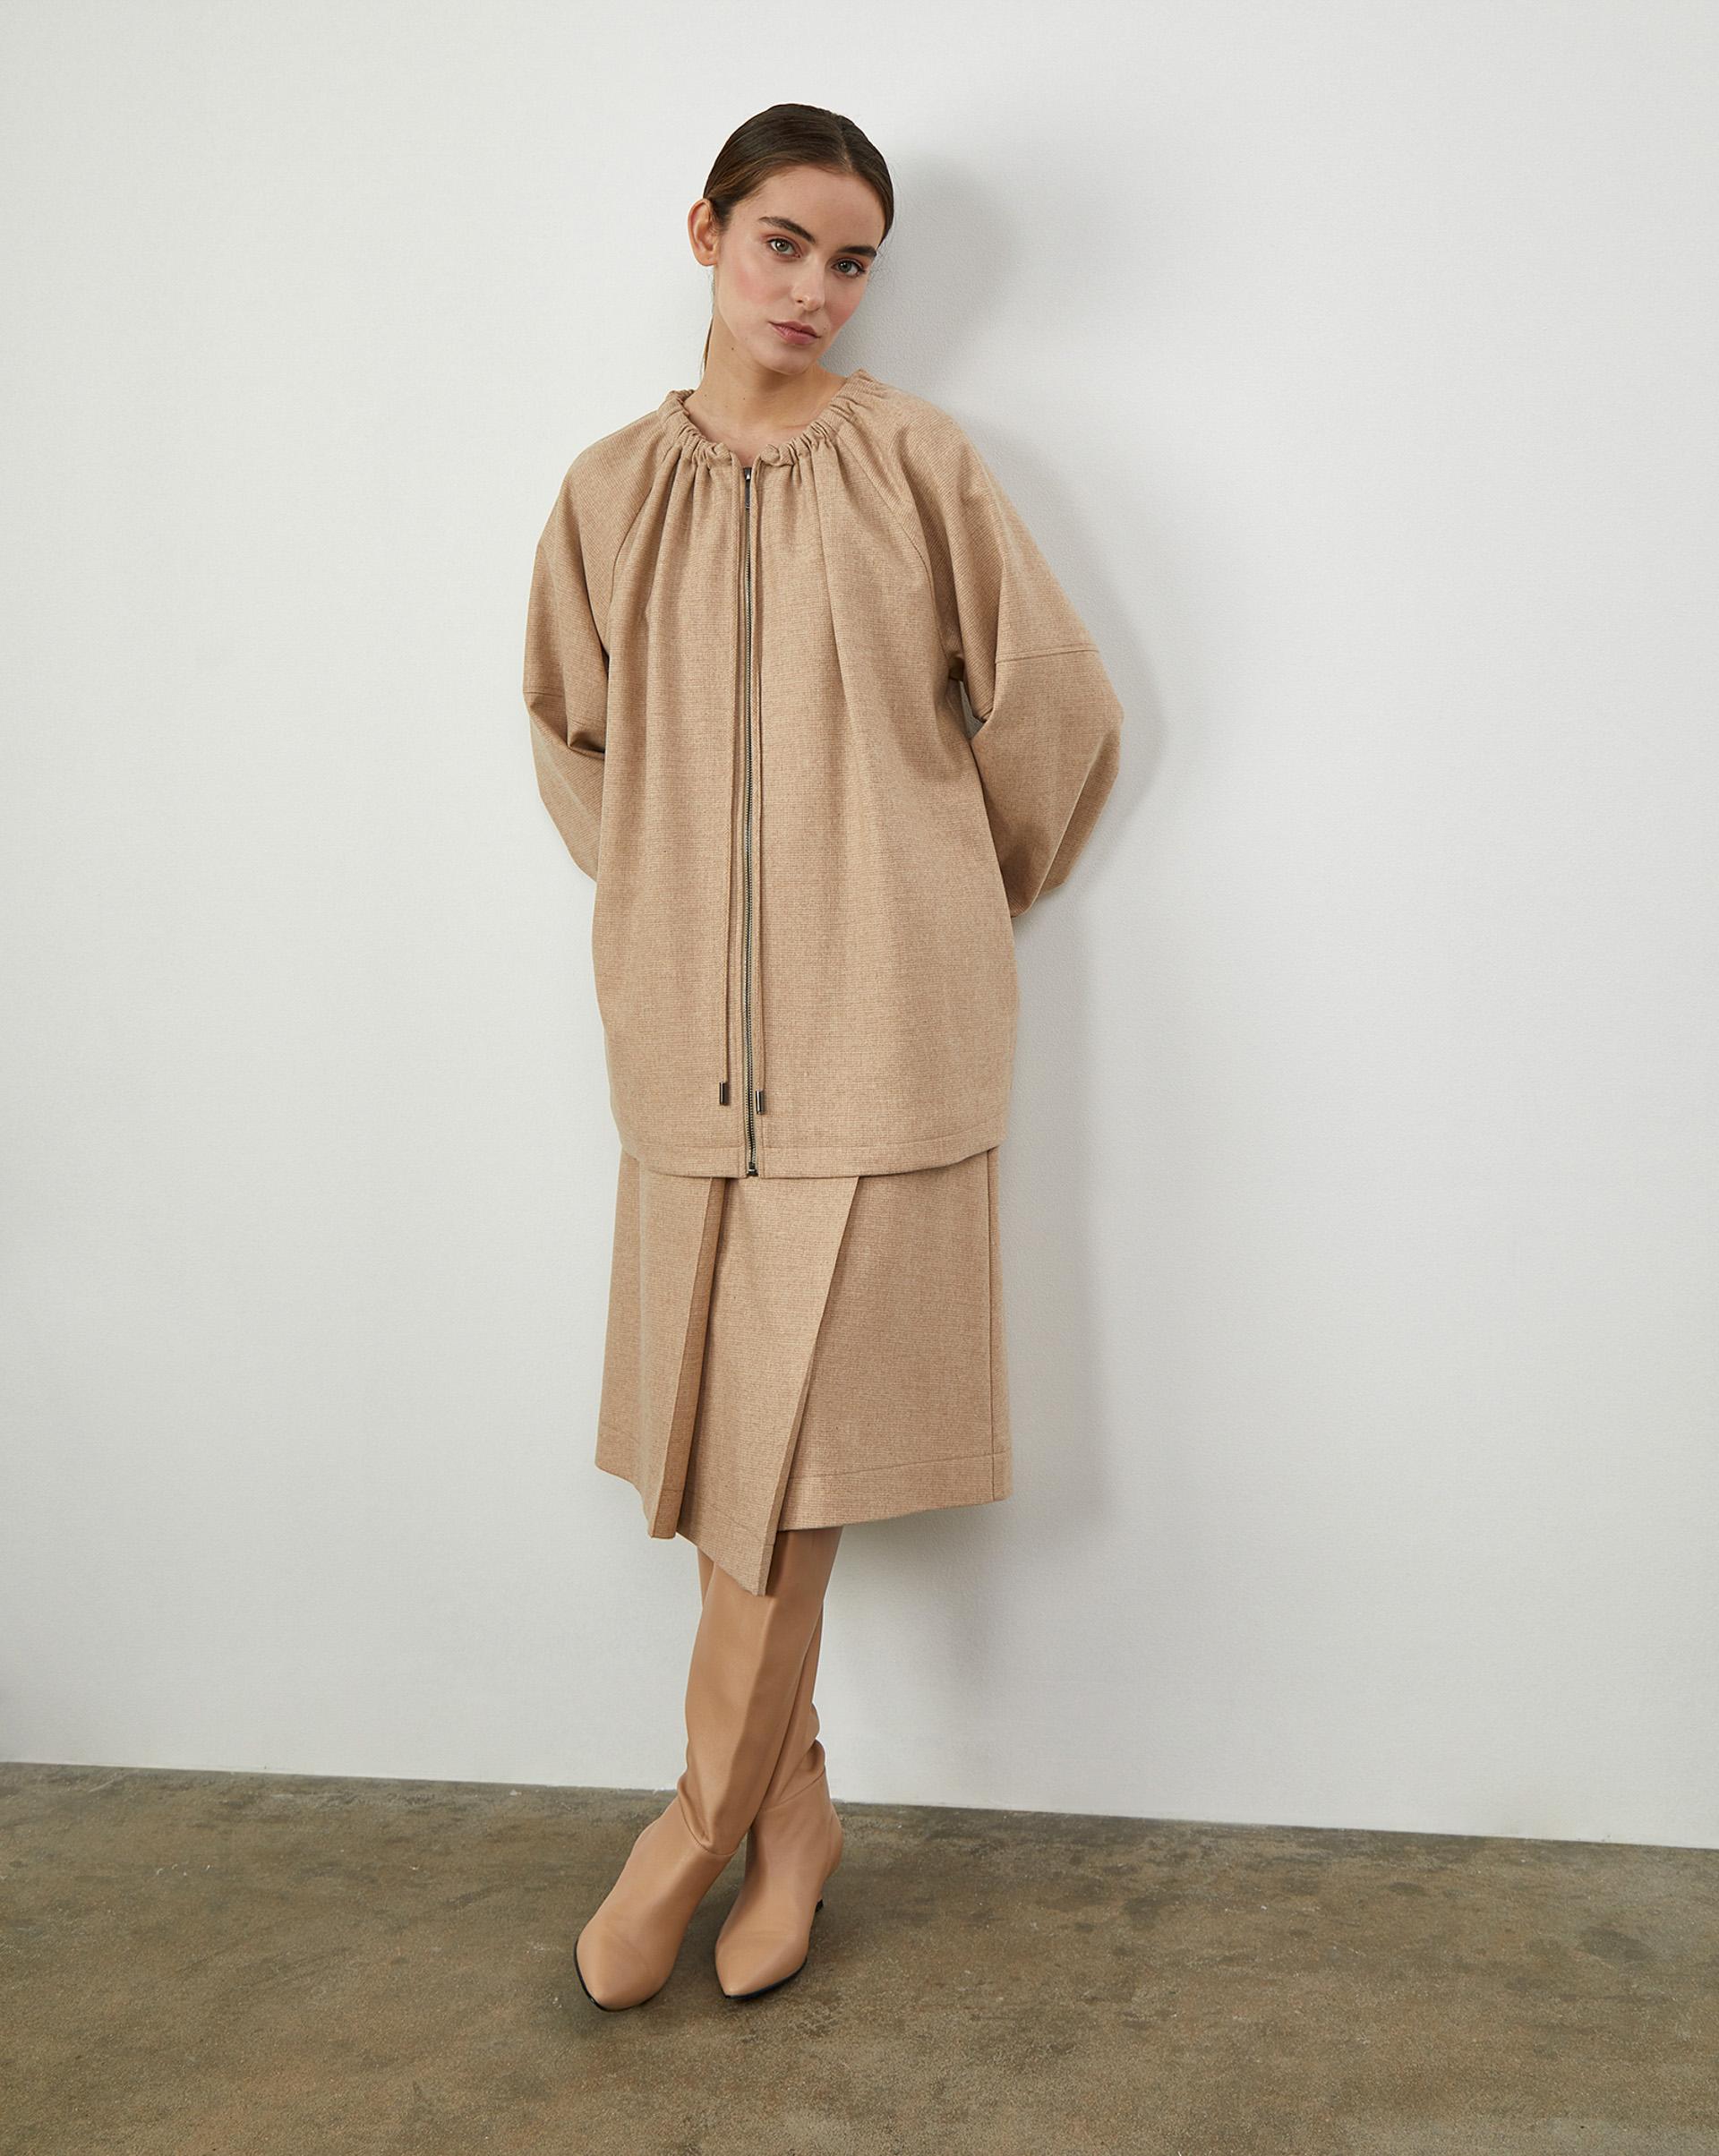 Фото - 12⠀STOREEZ Юбка 12storeez юбка миди со складками спереди